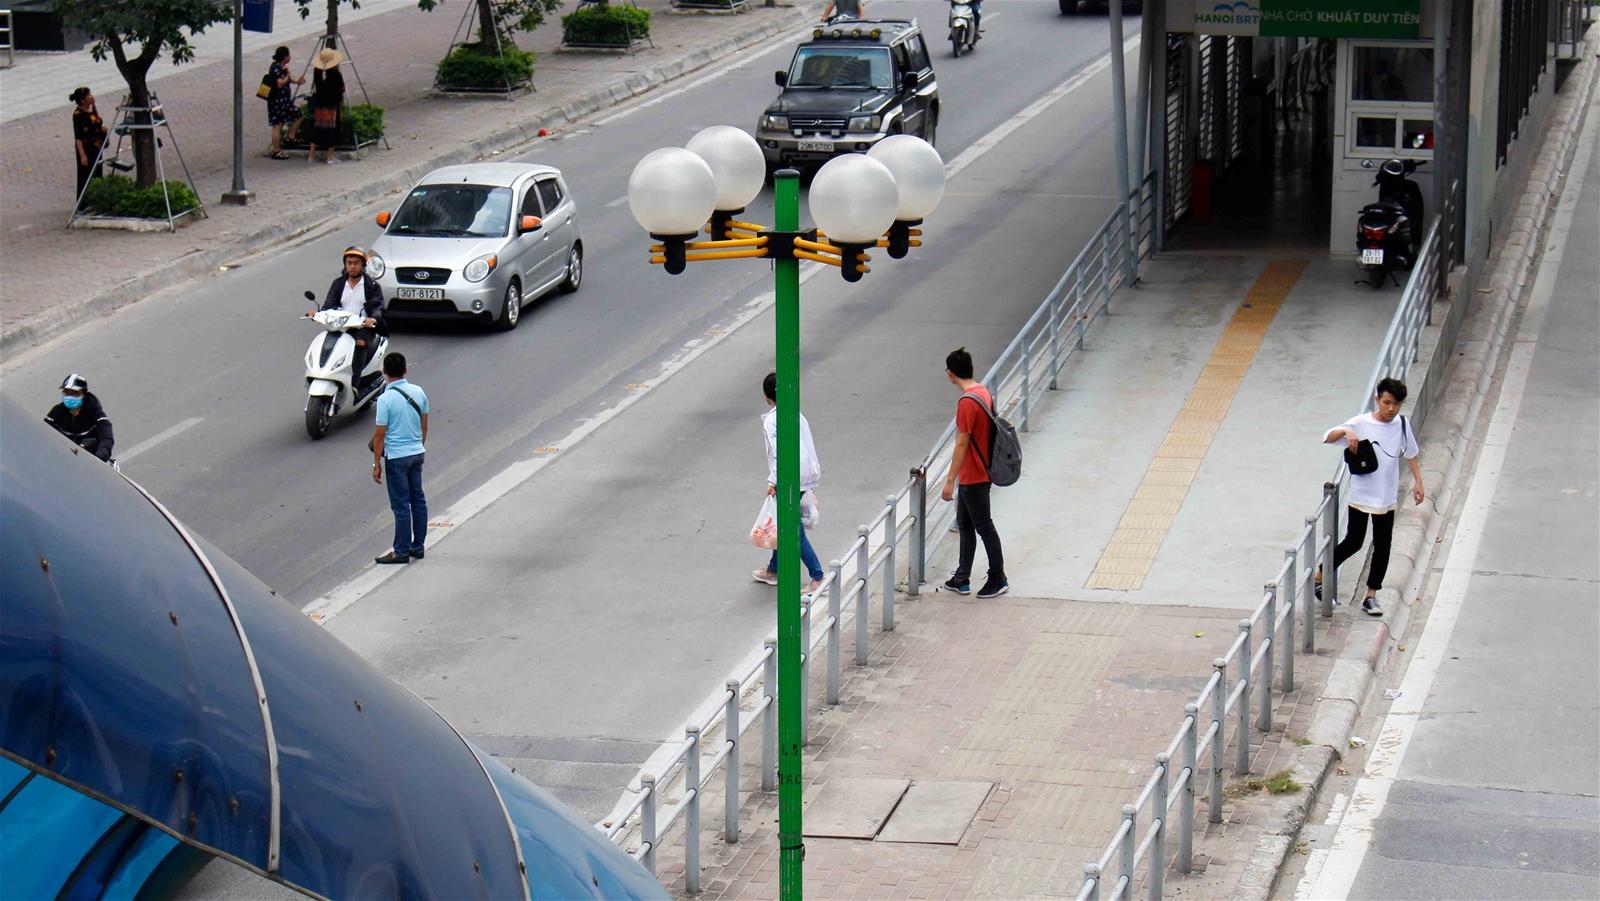 Hà Nội: Khi người đi bộ thờ ơ với cầu vượt bộ hành